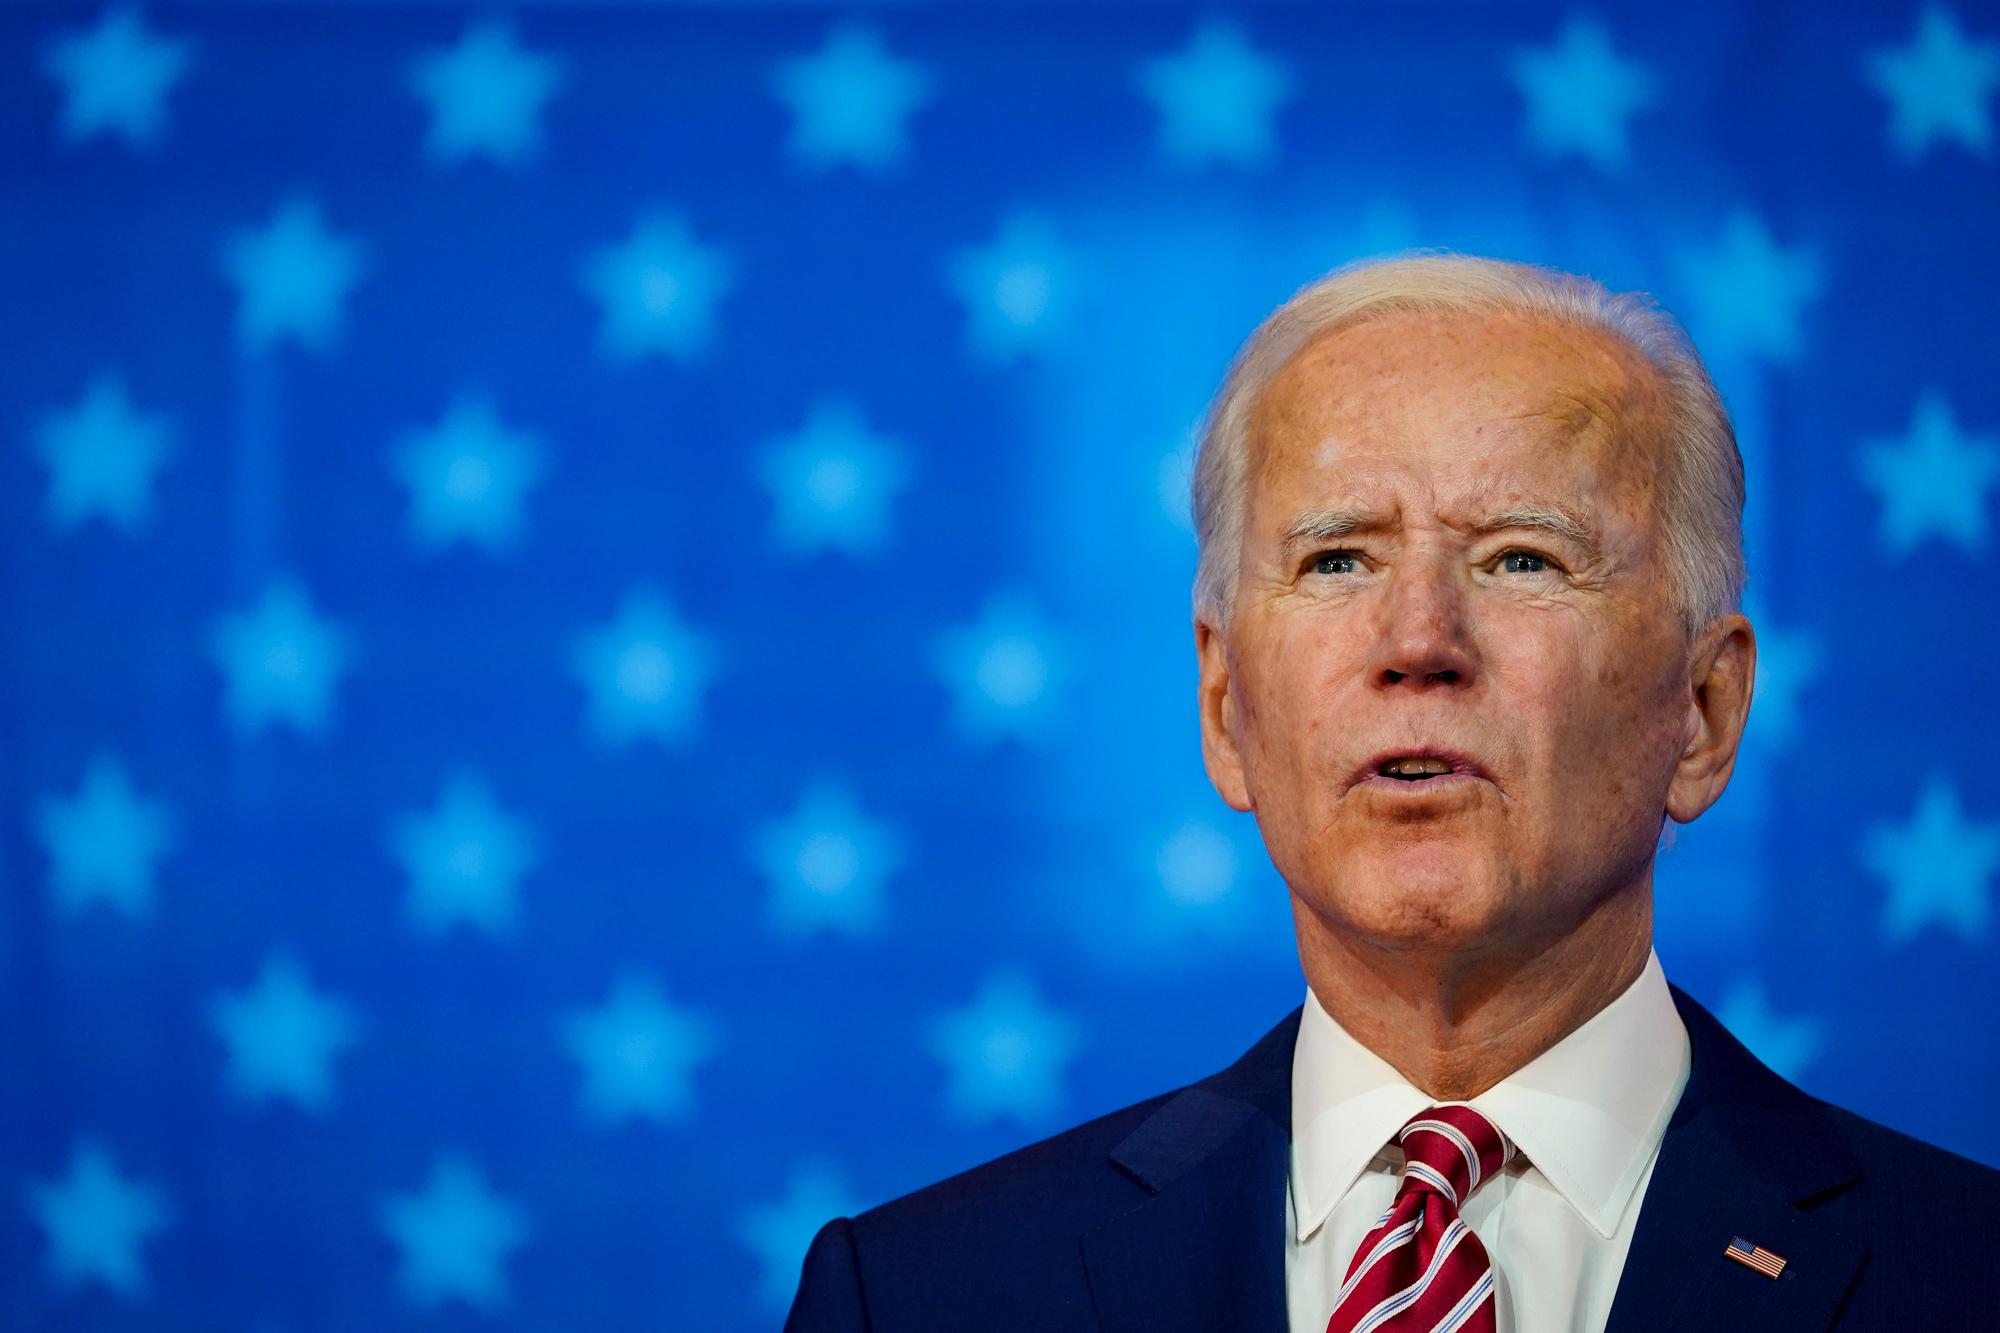 Democratic presidential nominee Joe Biden speaks at The Queen theater on October 23 in Wilmington, Delaware.